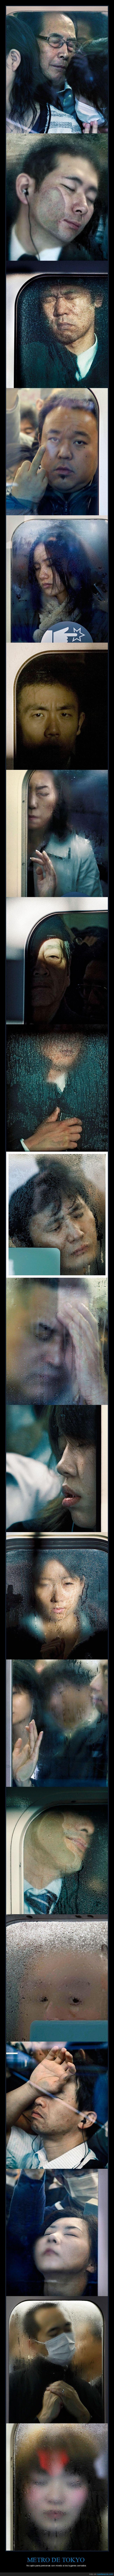 agobio,lugares cerrados,metro,tokyo